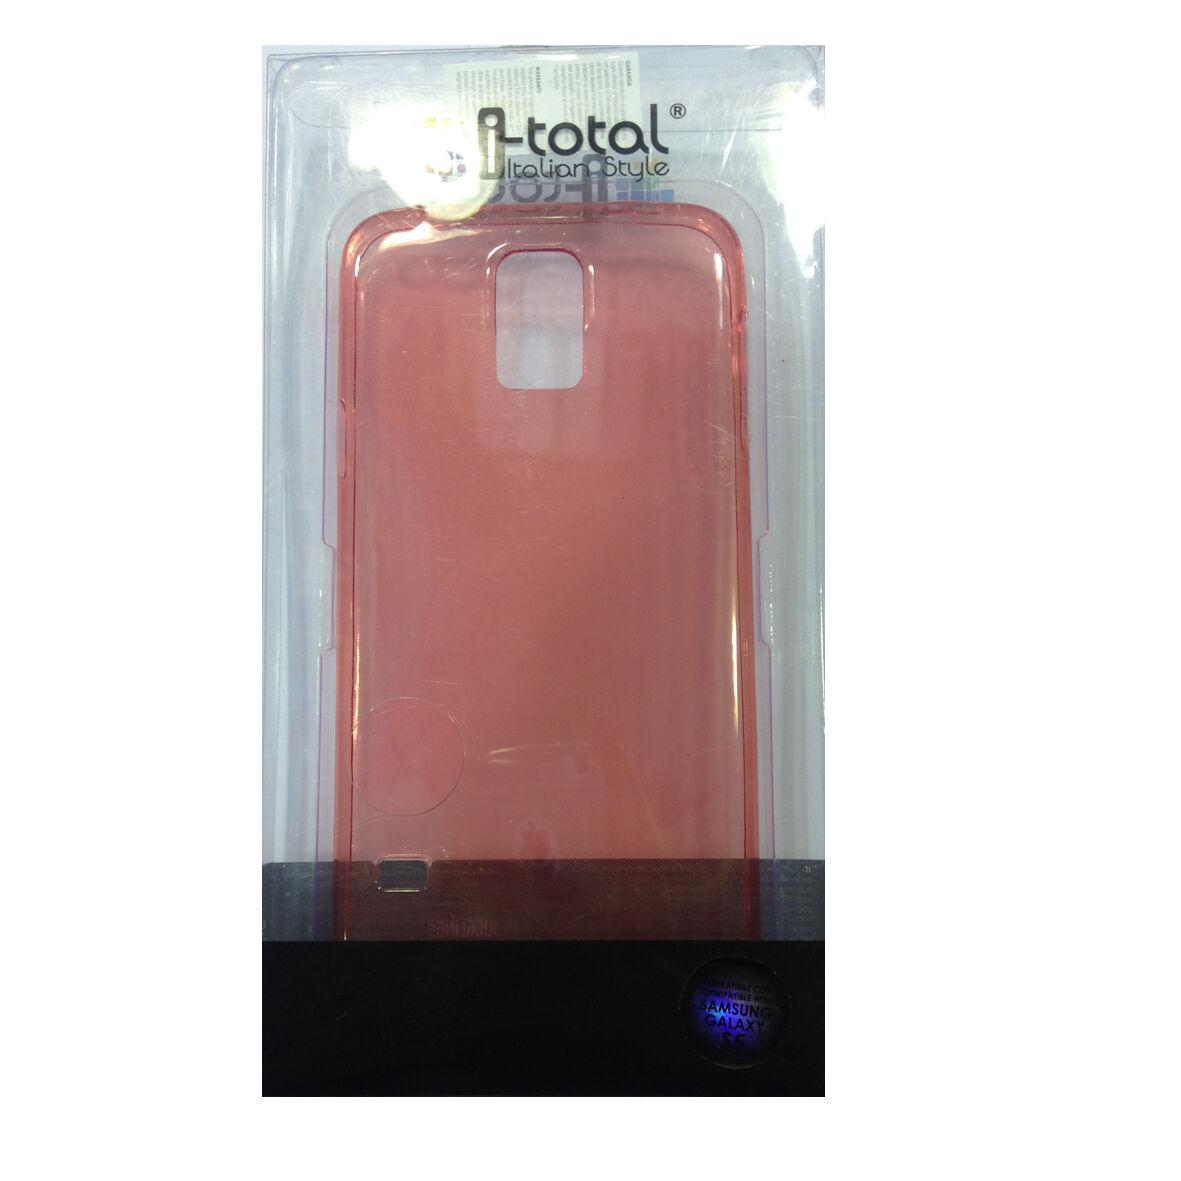 COVER mascherina SAMSUNG GALAXY S5 trasparente rossa in silicone TPU I-TOTAL